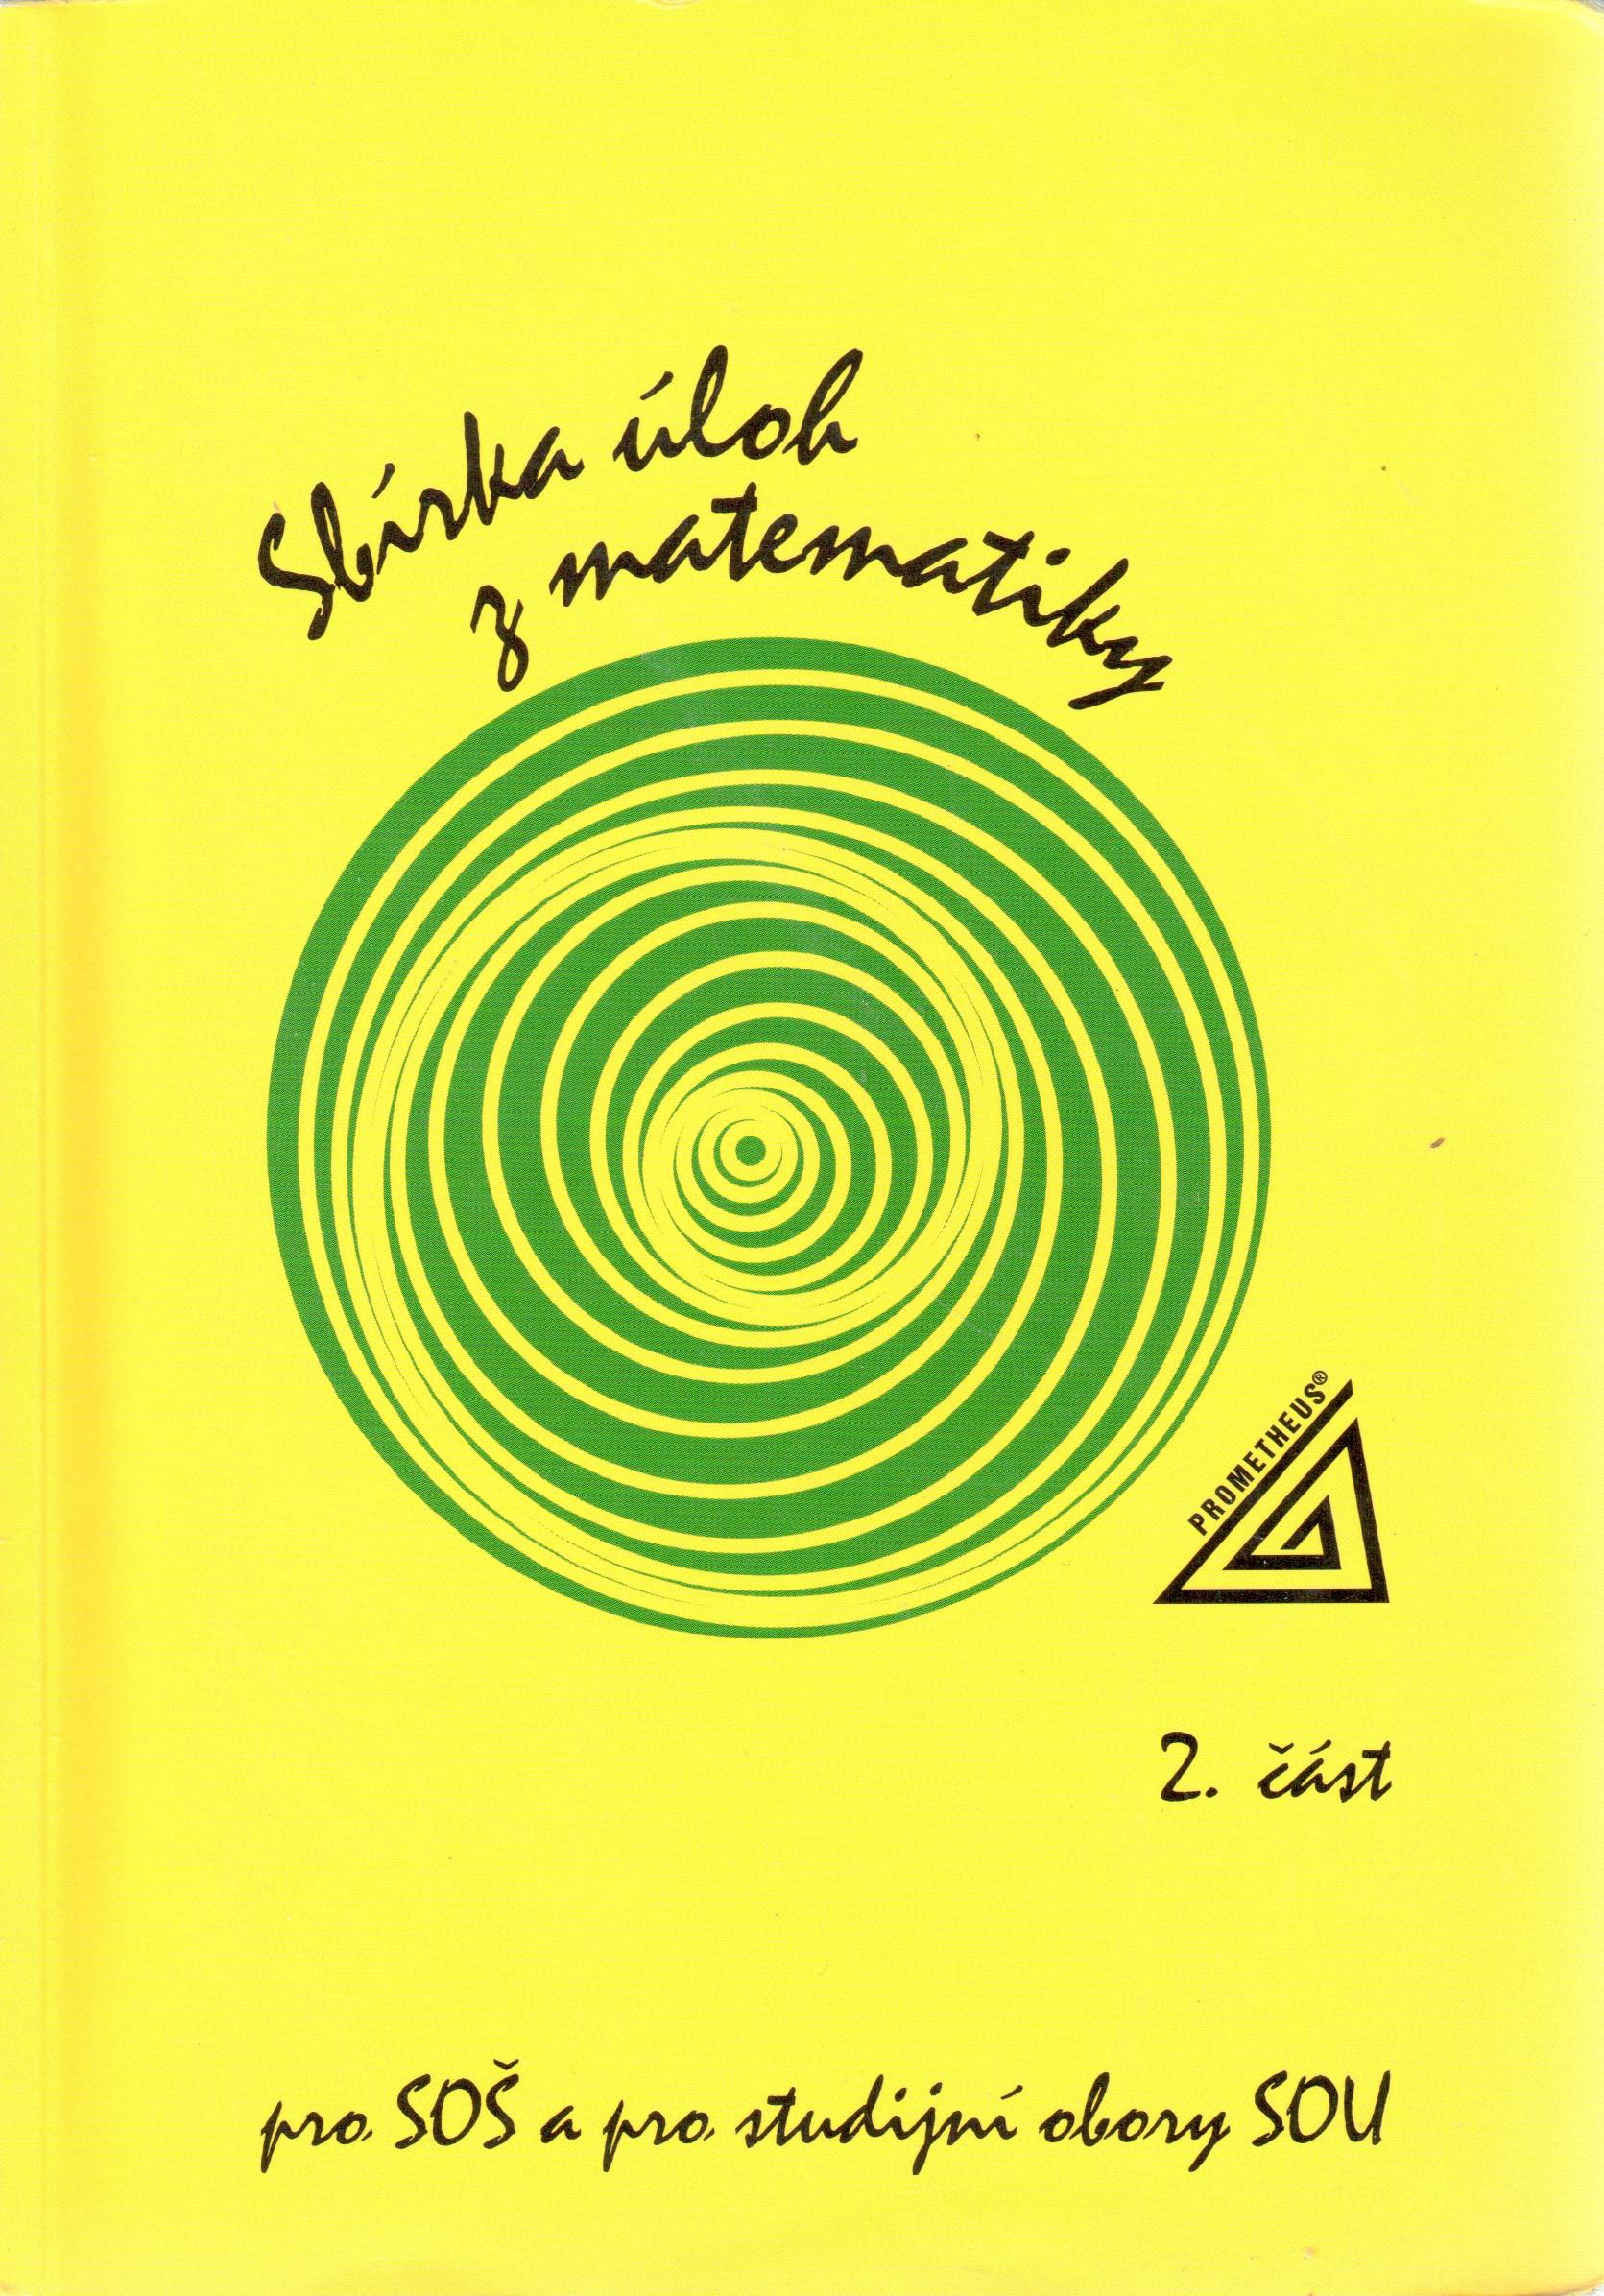 Sbírka úloh z matematiky pro SOŠ a studijní obory SOU, 2. část - Náhled učebnice